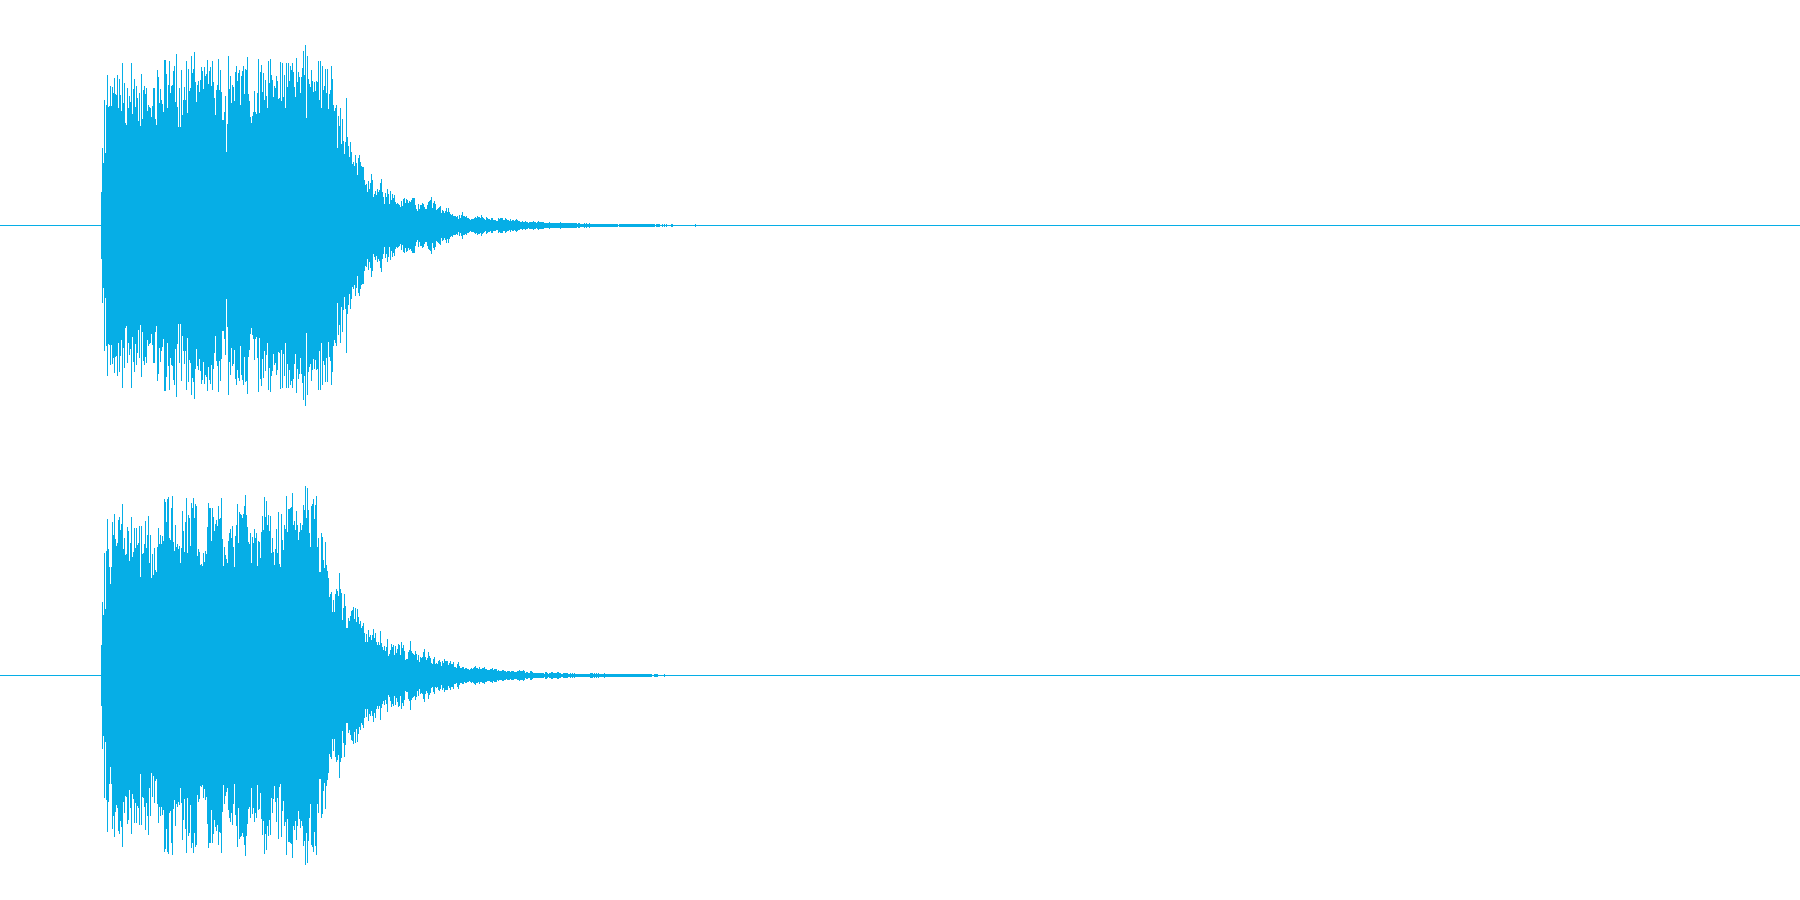 ジングル/クイズ回答・緊急事態発生の再生済みの波形